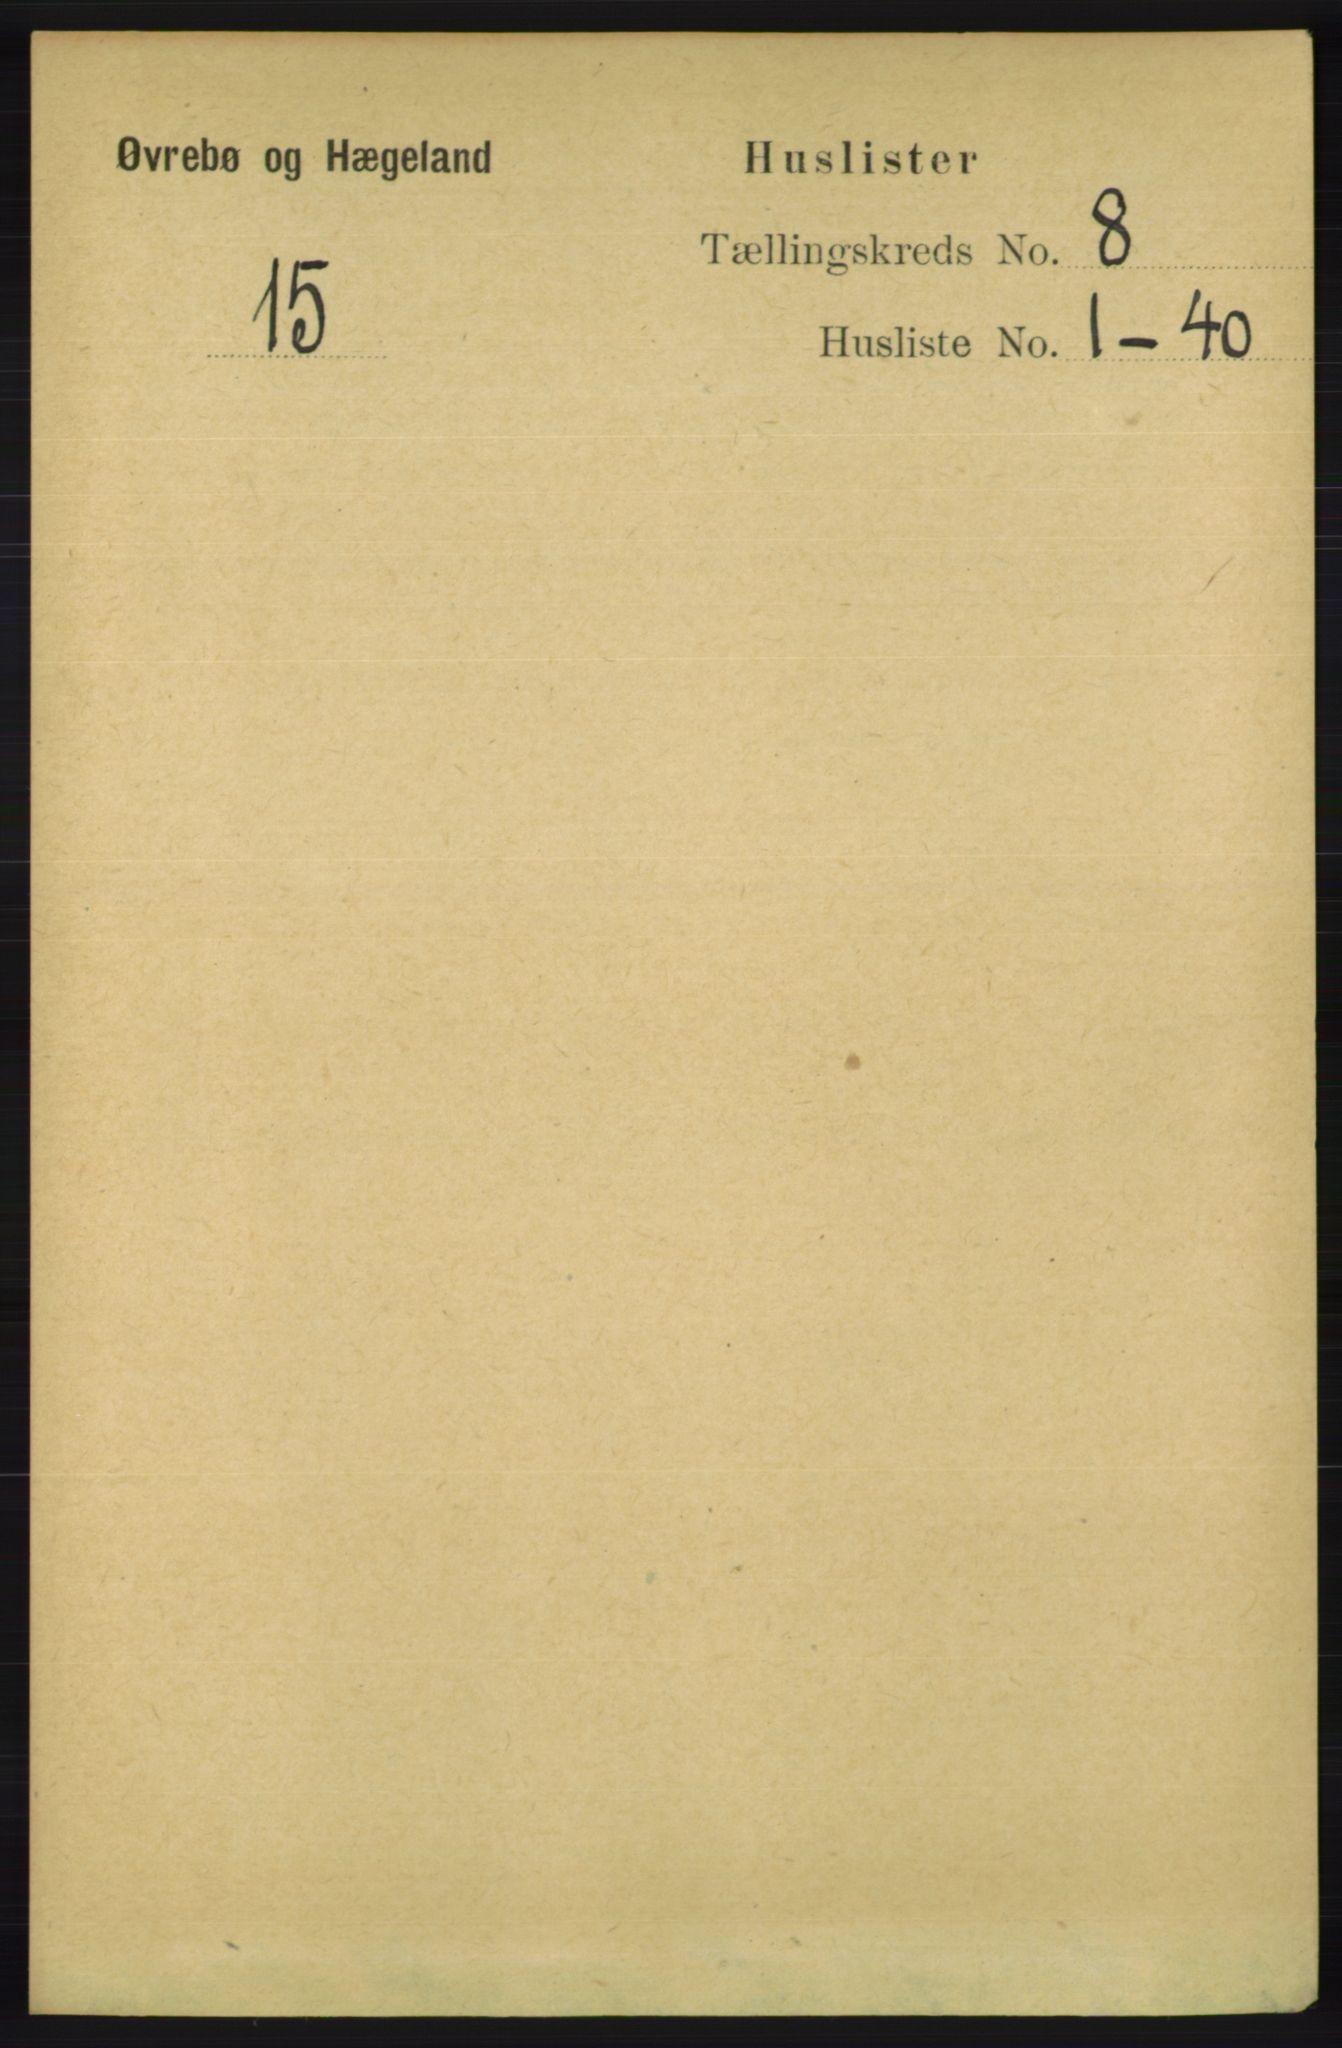 RA, Folketelling 1891 for 1016 Øvrebø og Hægeland herred, 1891, s. 1431